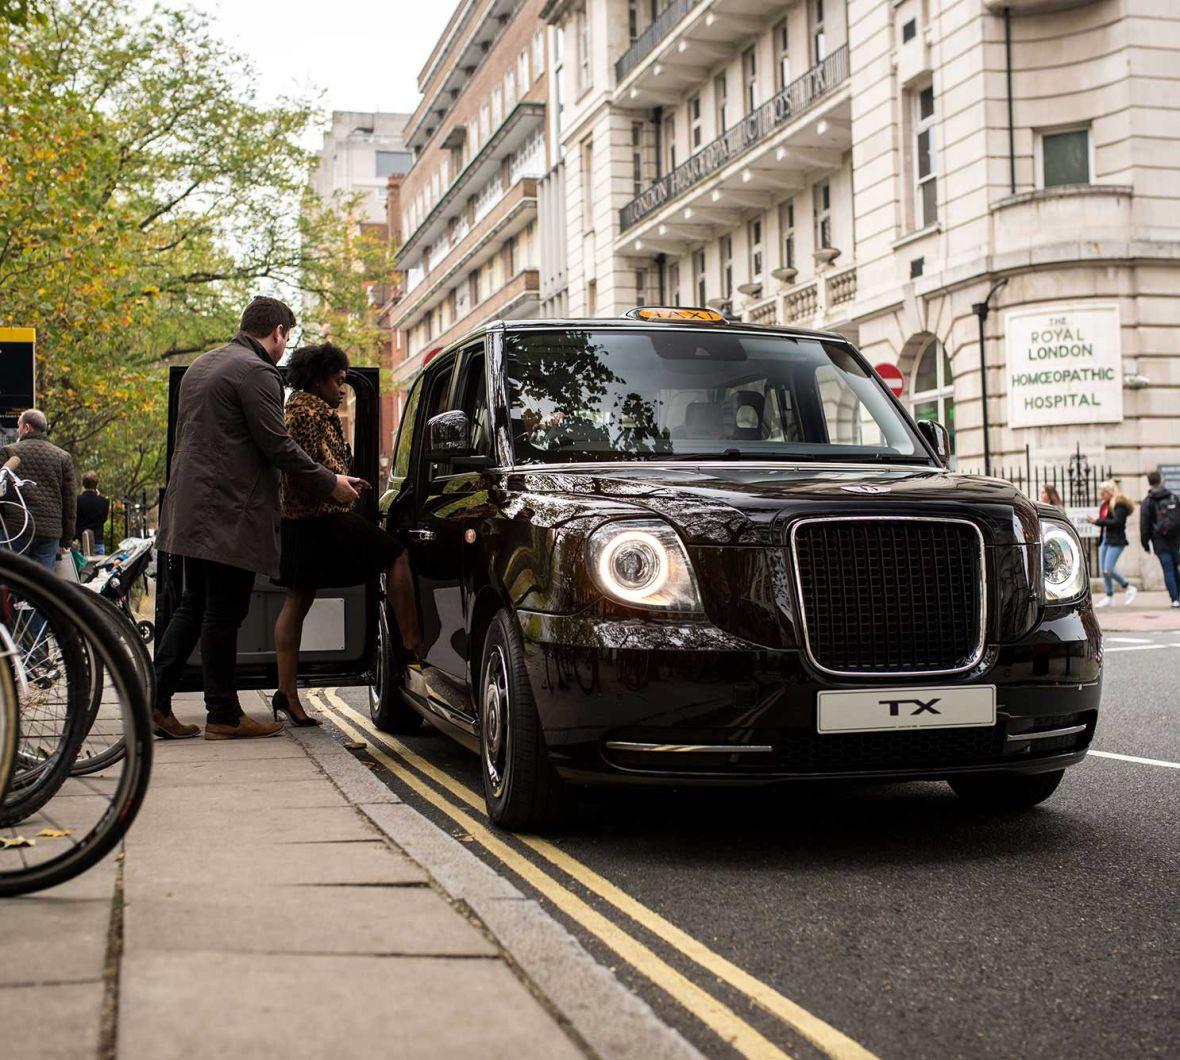 Electric black cab